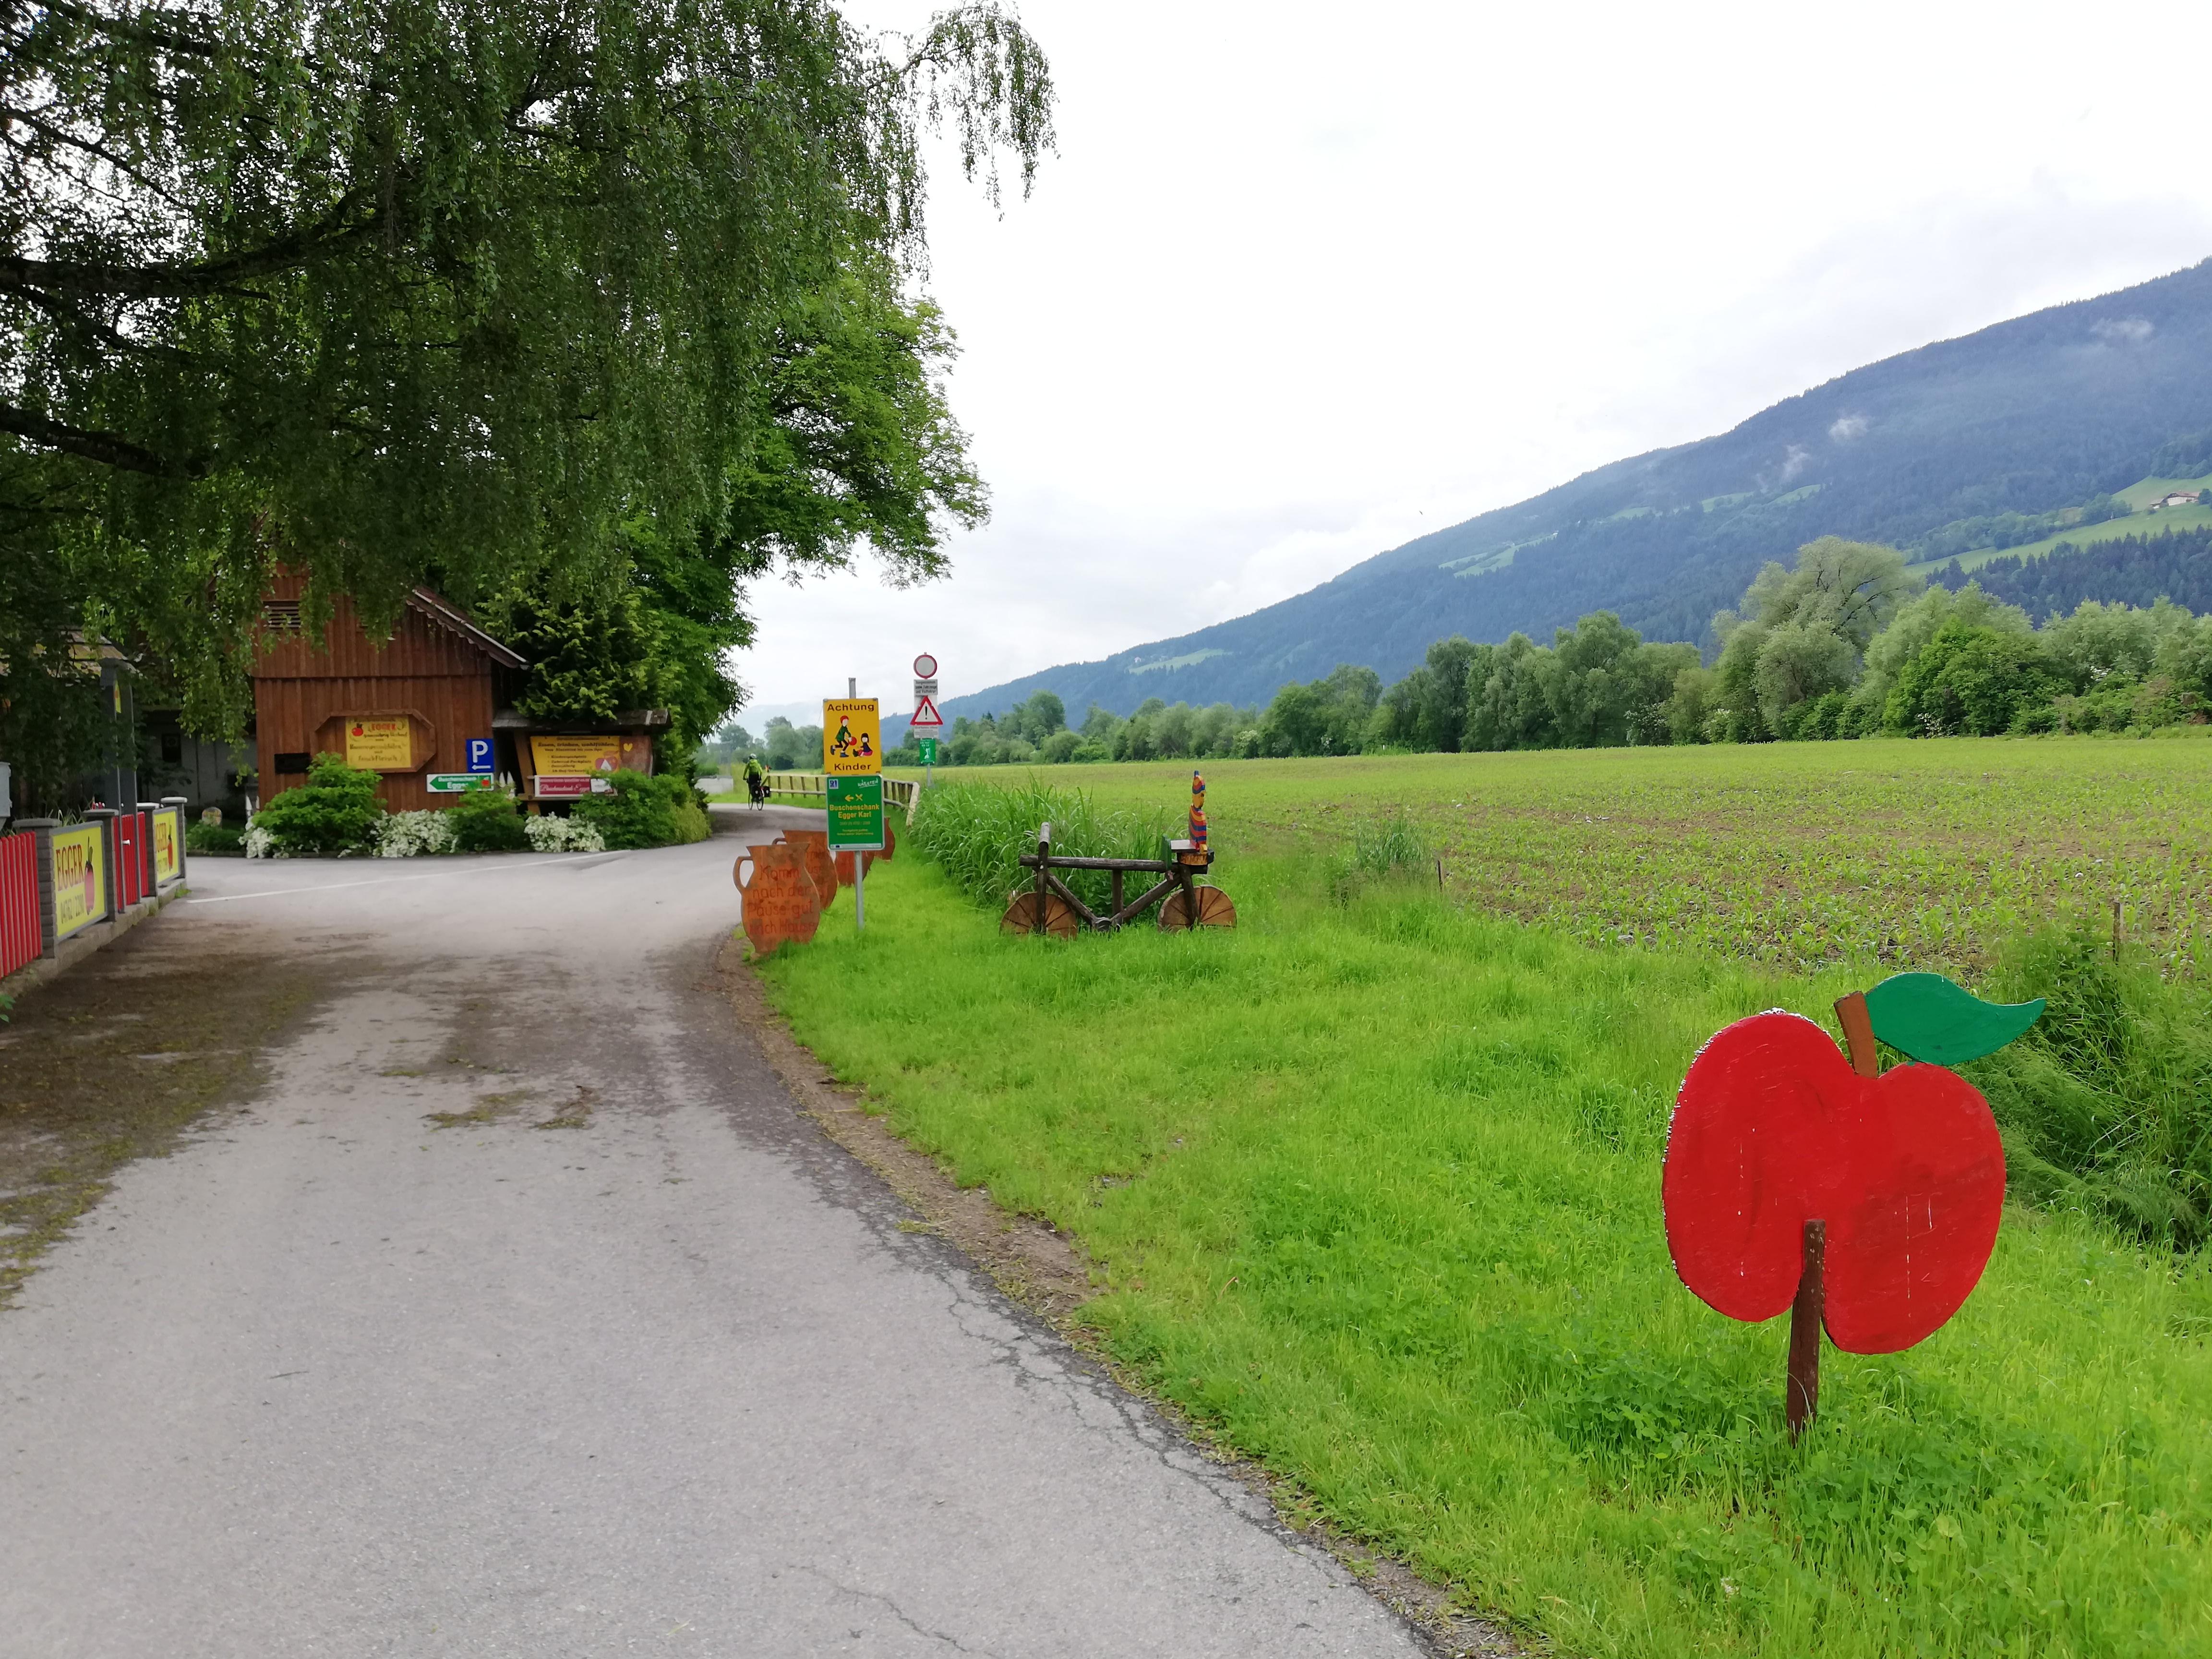 #VonBerchtesgadennachRijeka - Tag 3 - Drauradweg von Spittal nach Villach - Buschenschänke Egger